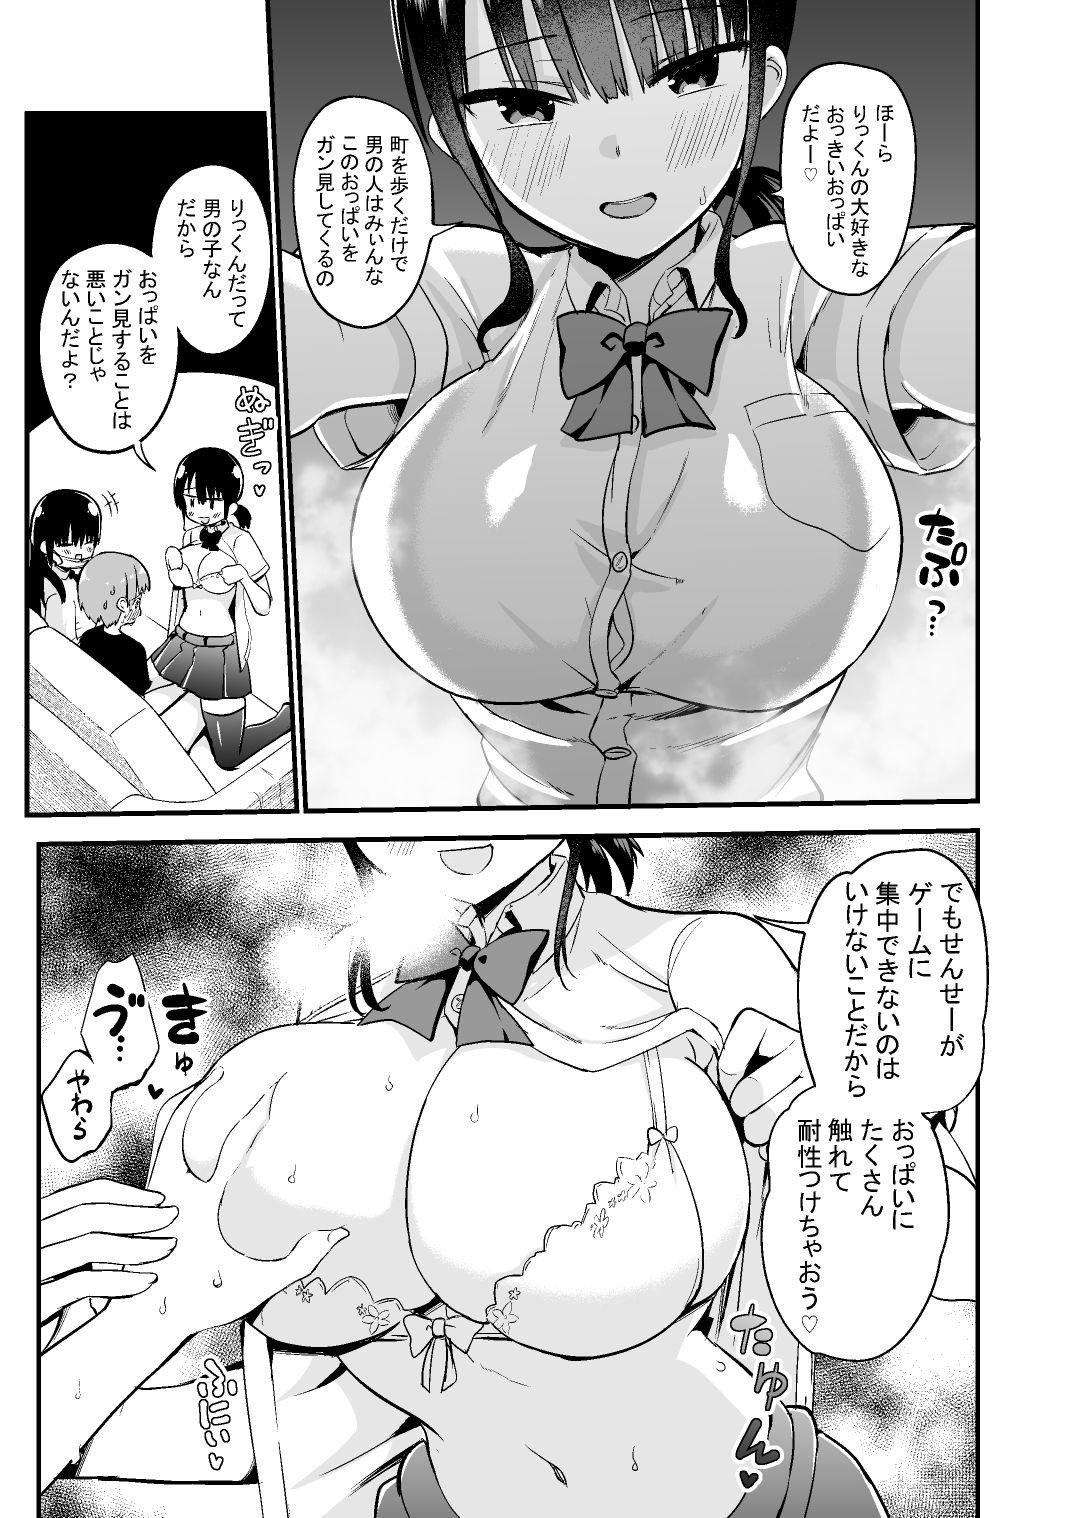 【エロ漫画無料大全集】【爆乳エロ漫画】ゲームが得意な僕に、爆乳のお姉さん2人が弟子入りしてきたので…